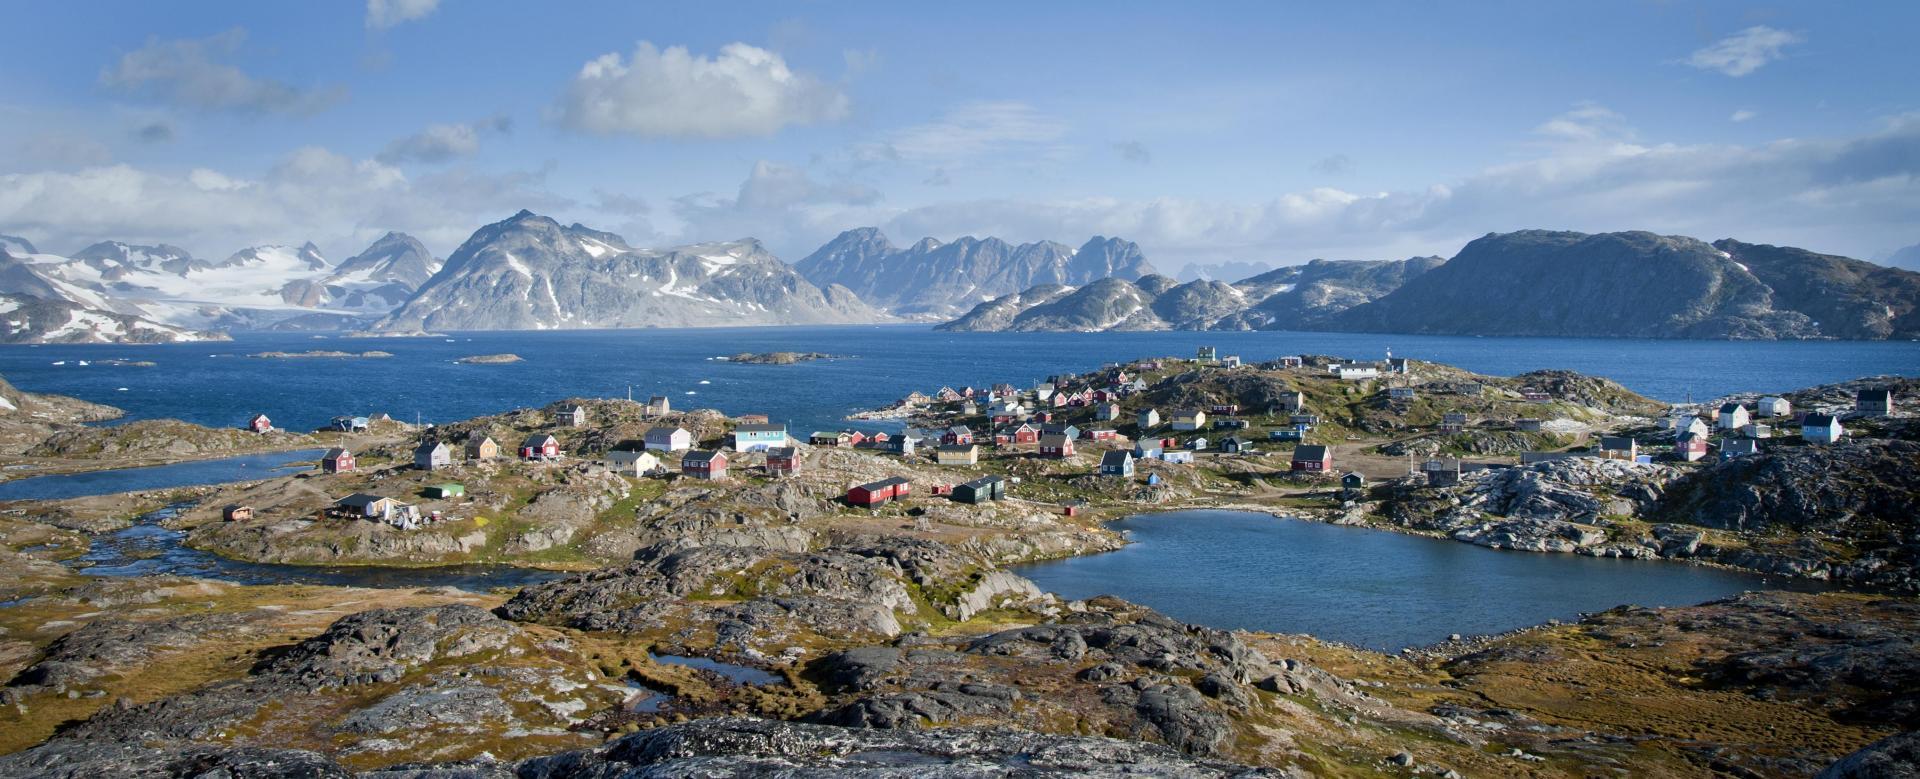 Voyage à pied Groenland : Merveilles du groenland est